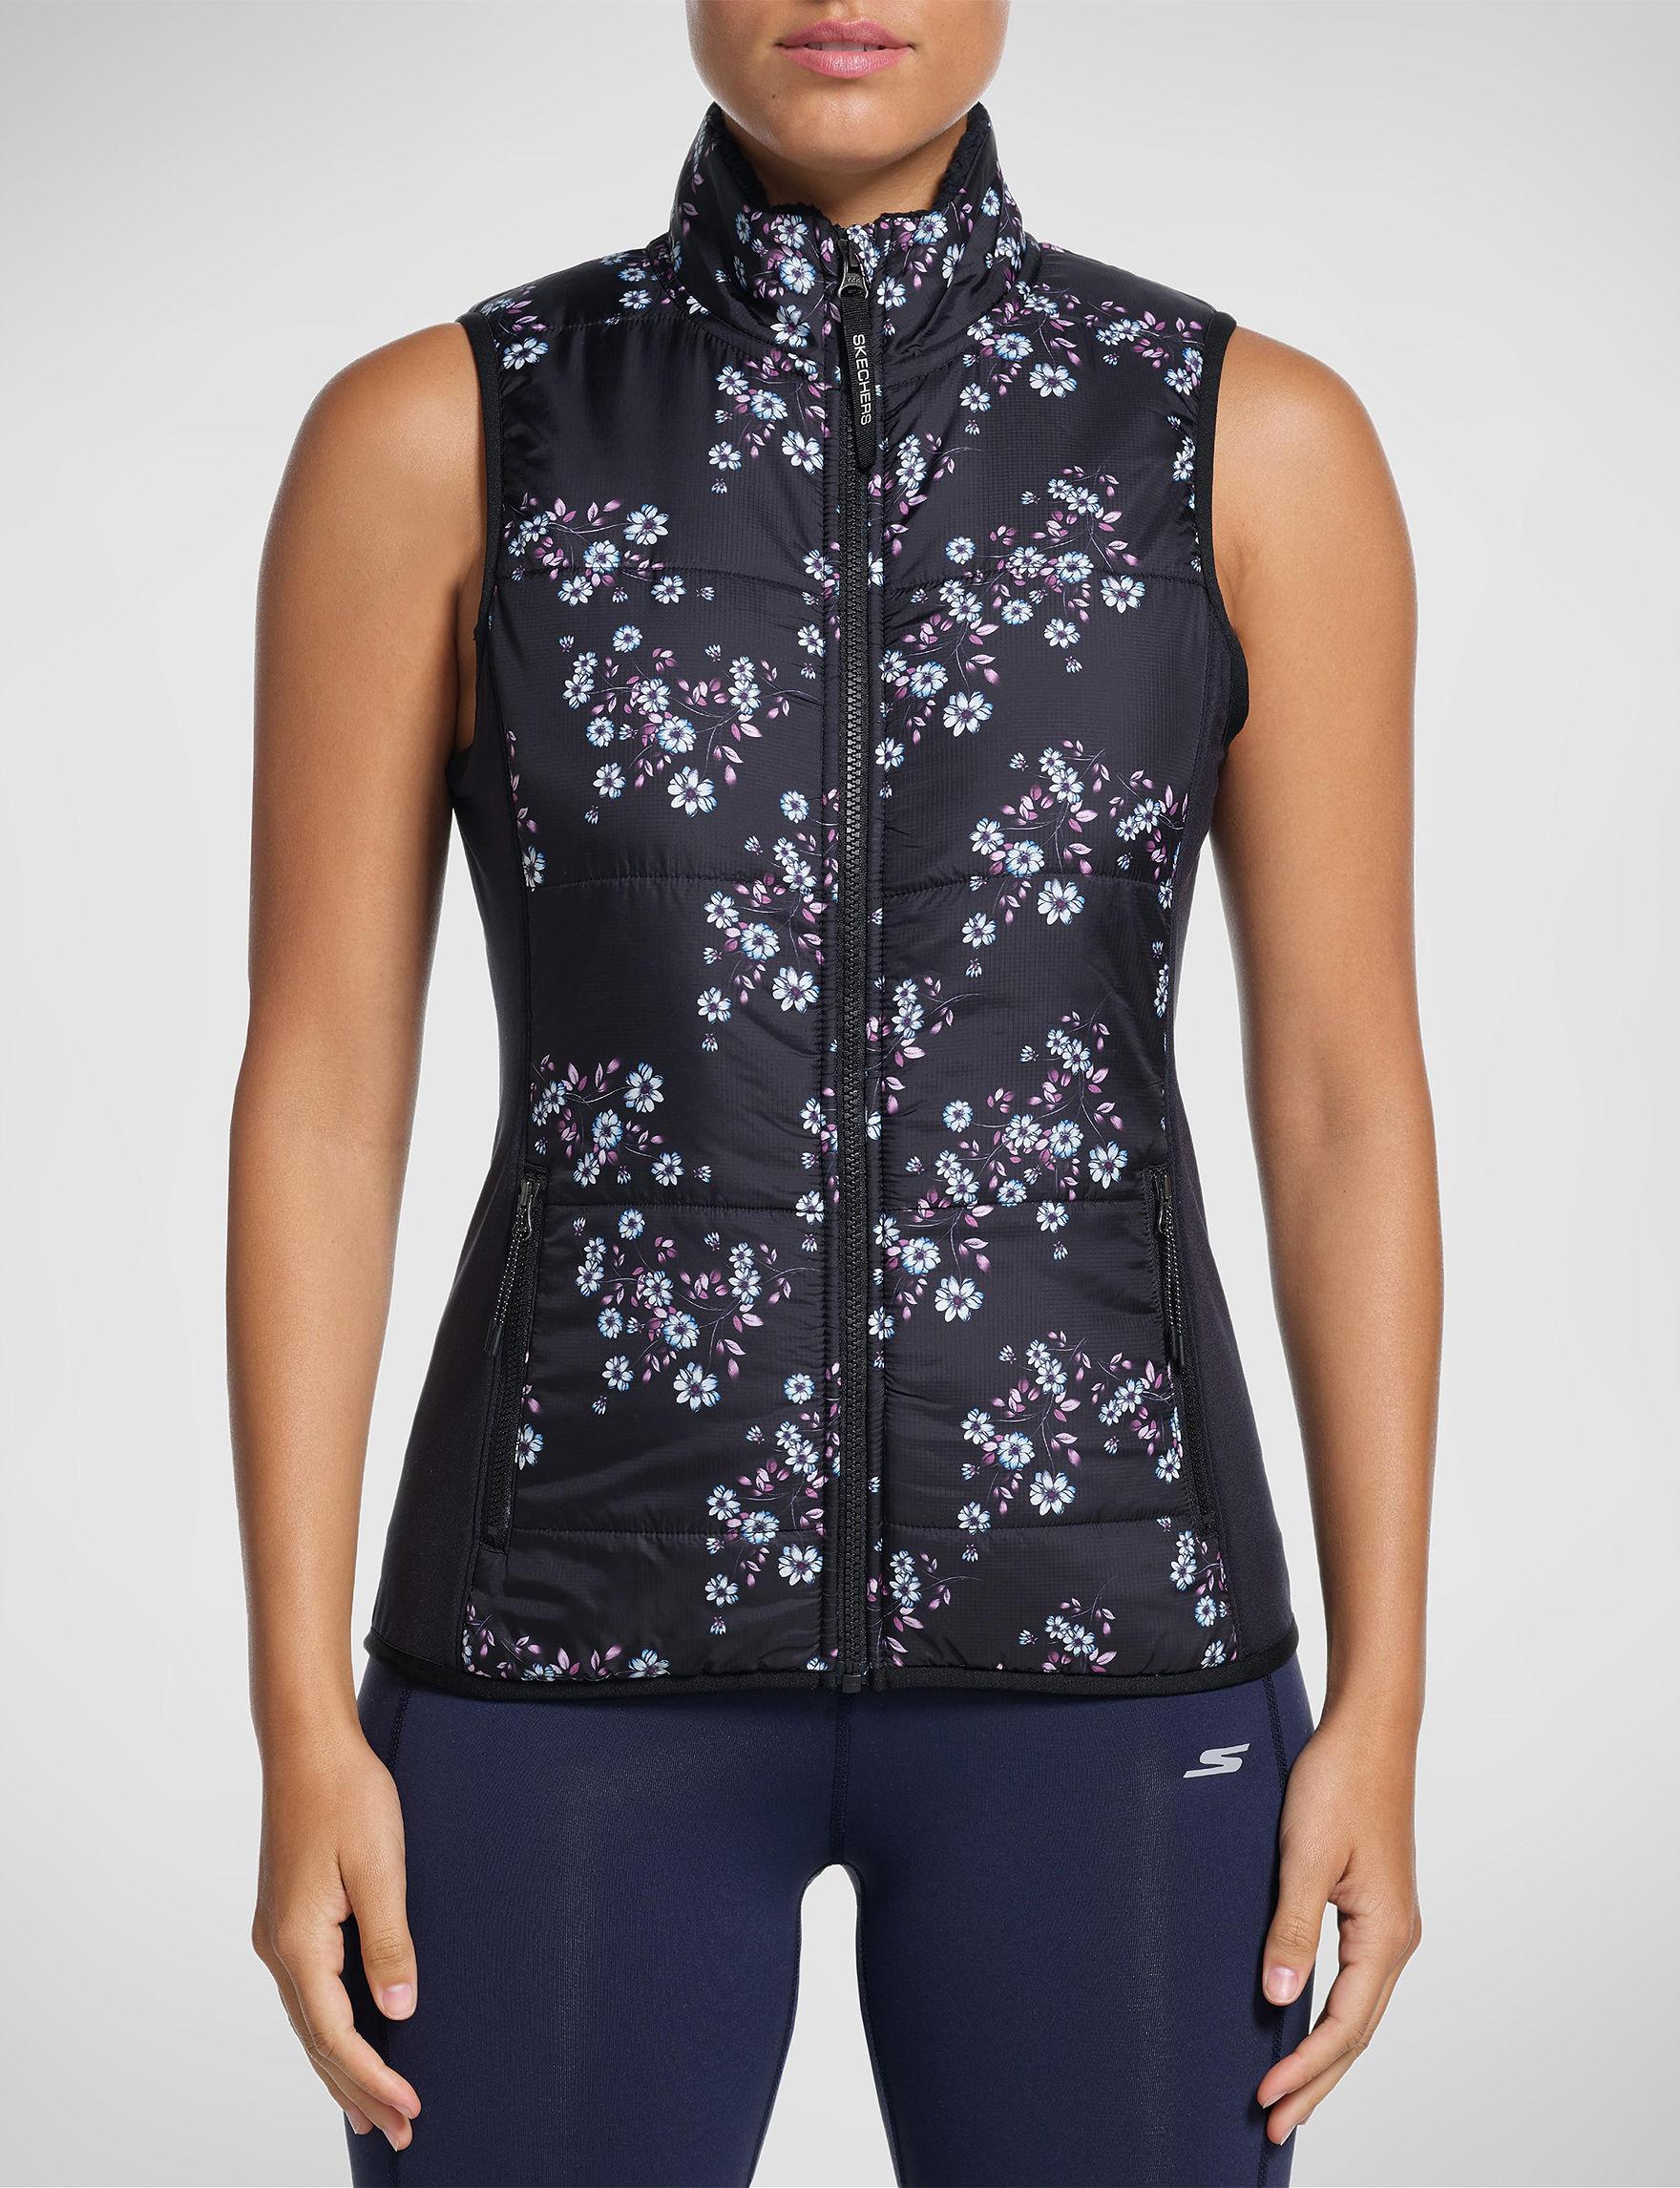 Skechers Black Floral Vests